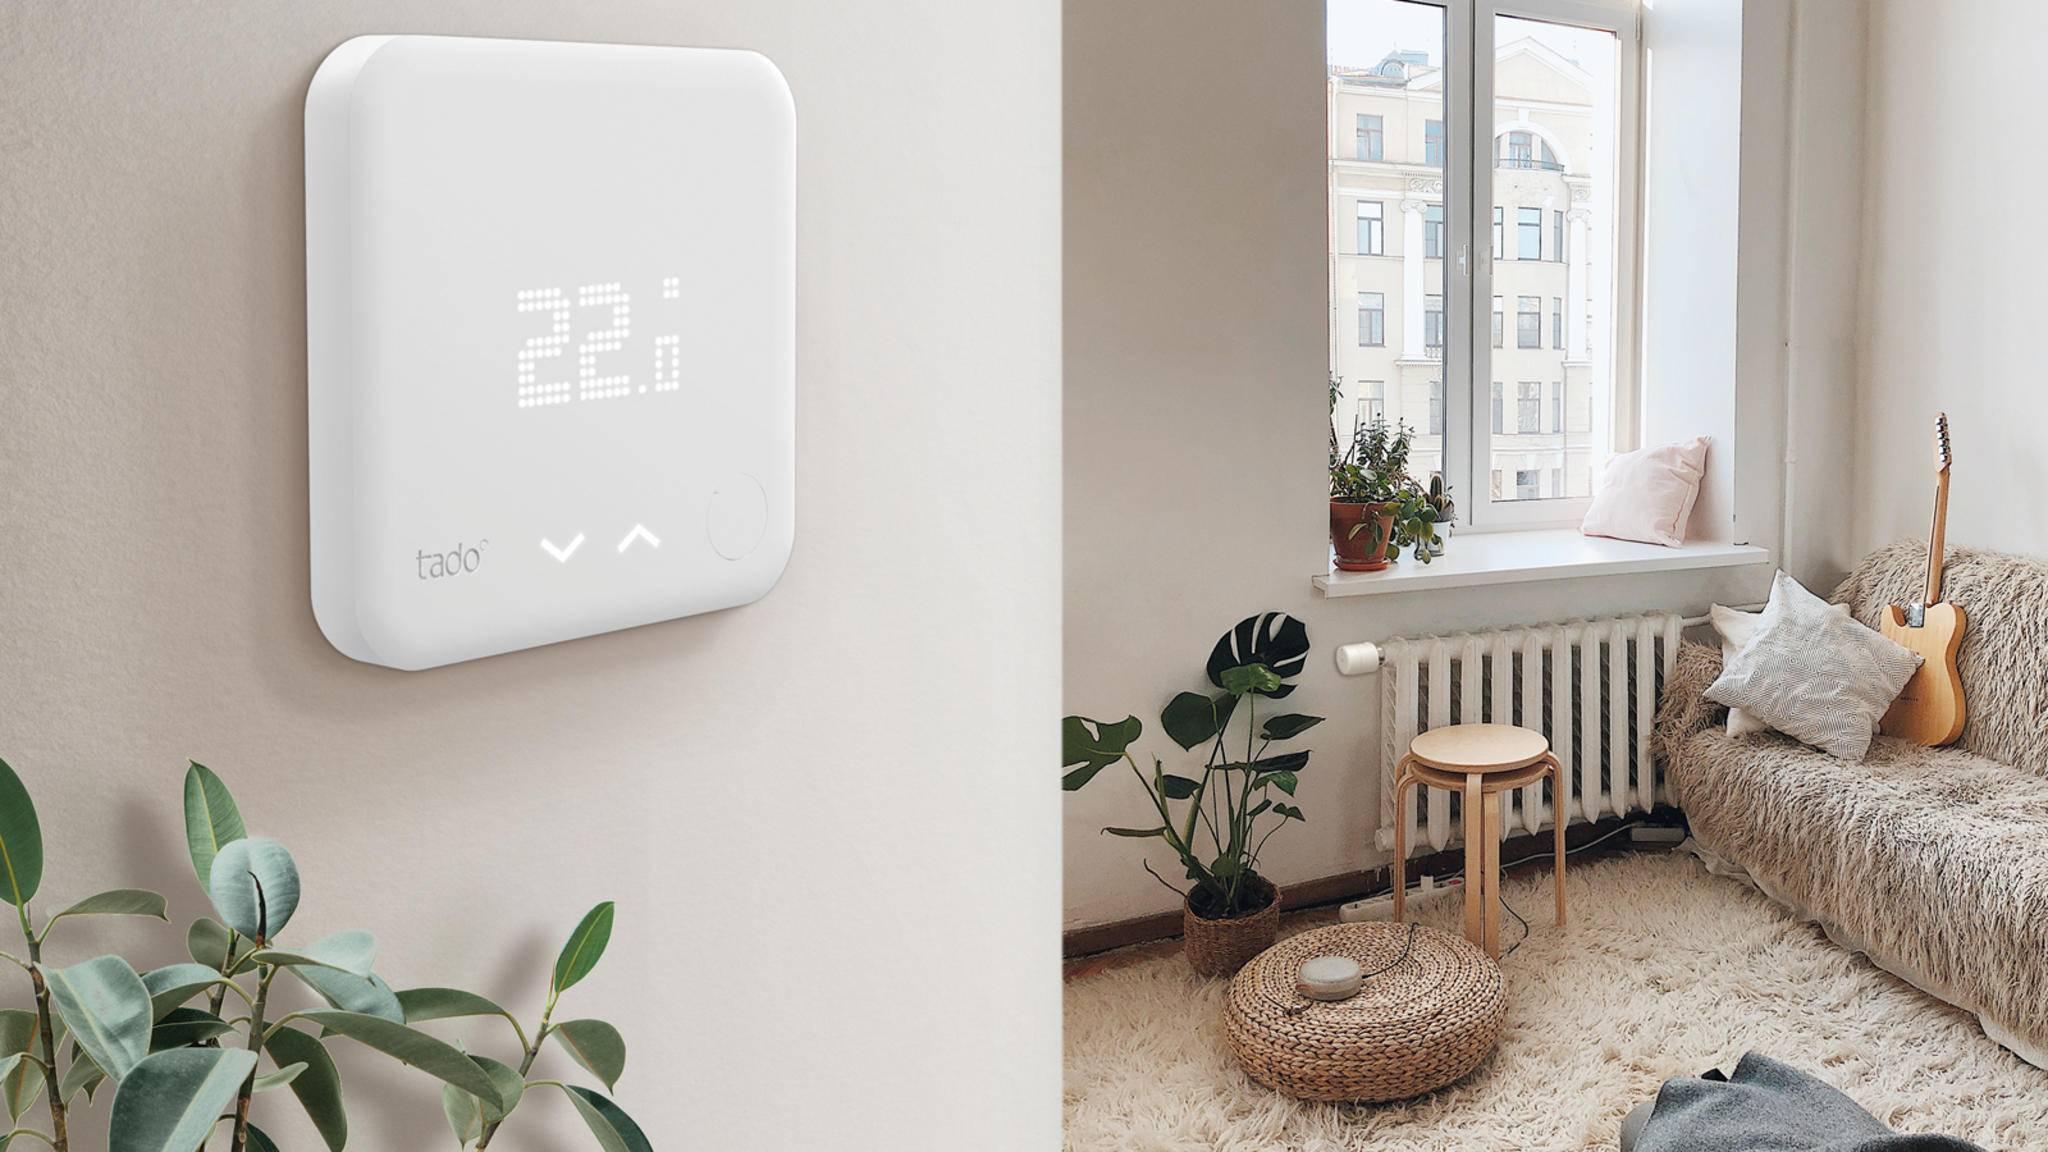 Smarte Thermostate wie das von Tado (Foto) sorgen für Wohlfühlwärme.